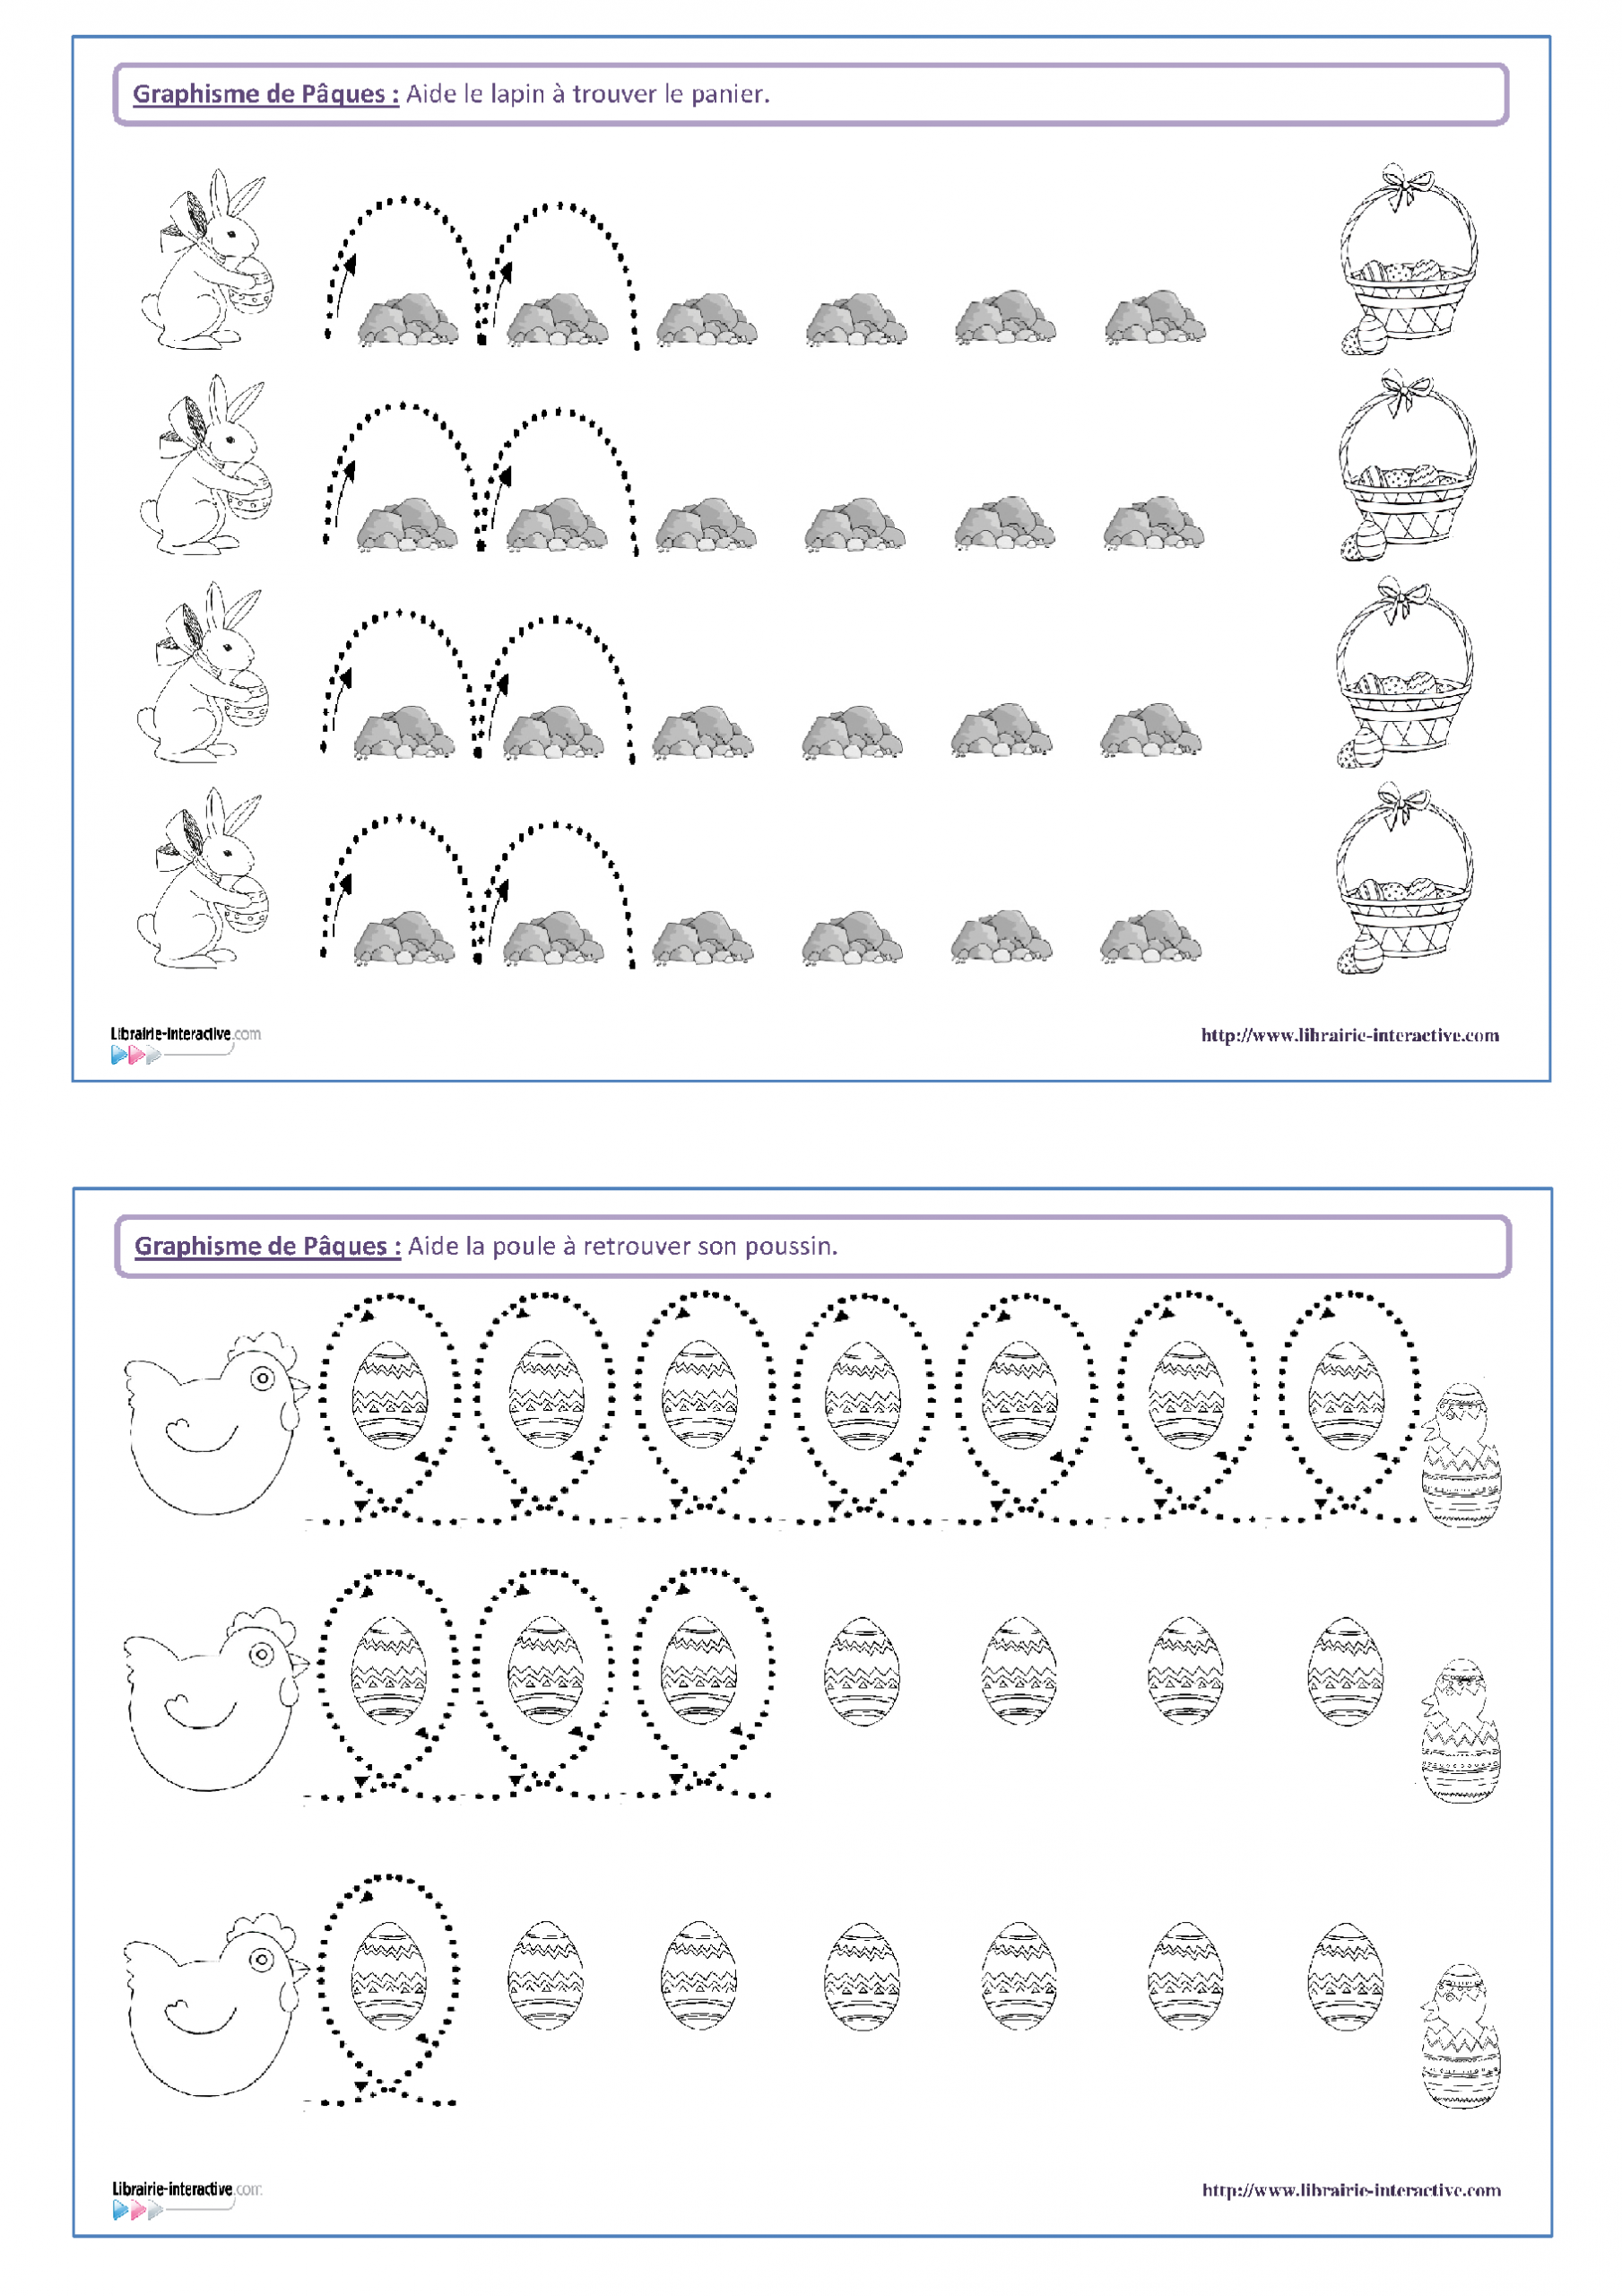 14 Fiches De Graphisme Sur Le Thème De Pâques, Pour Les à Exercice De Graphisme Petite Section A Imprimer